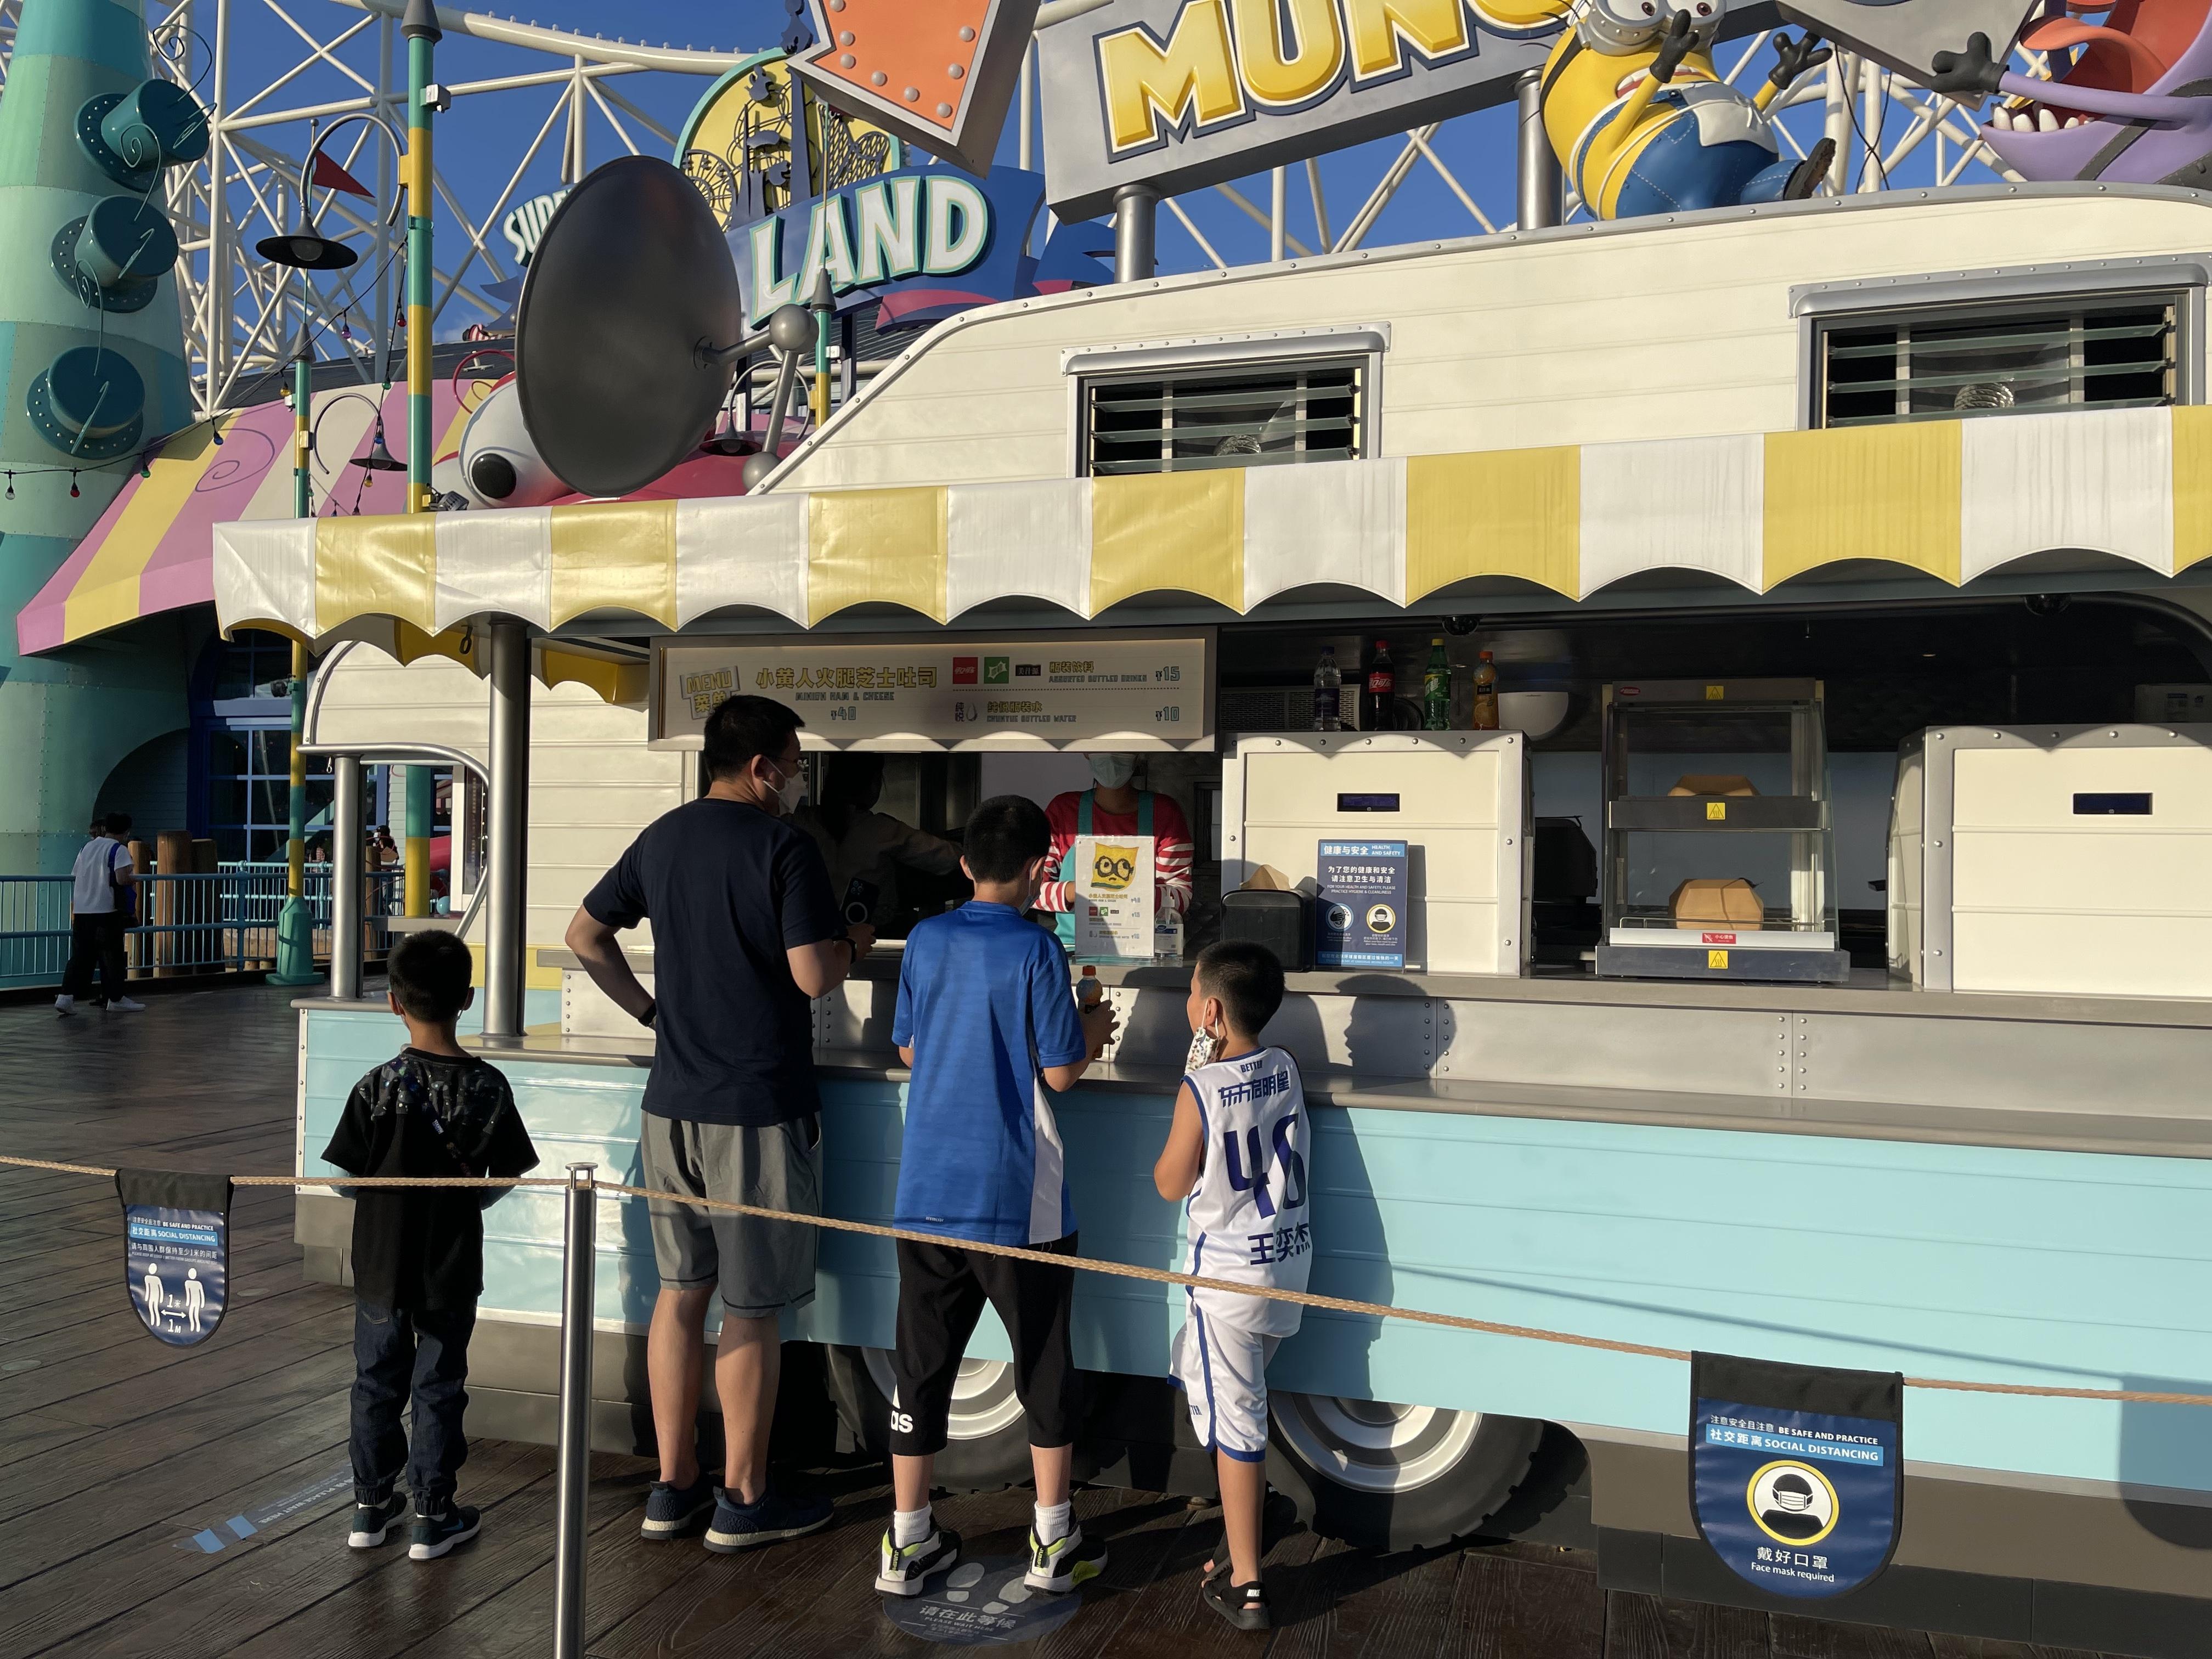 游客在小黄人乐园主题园区中的小吃车前购买食物。